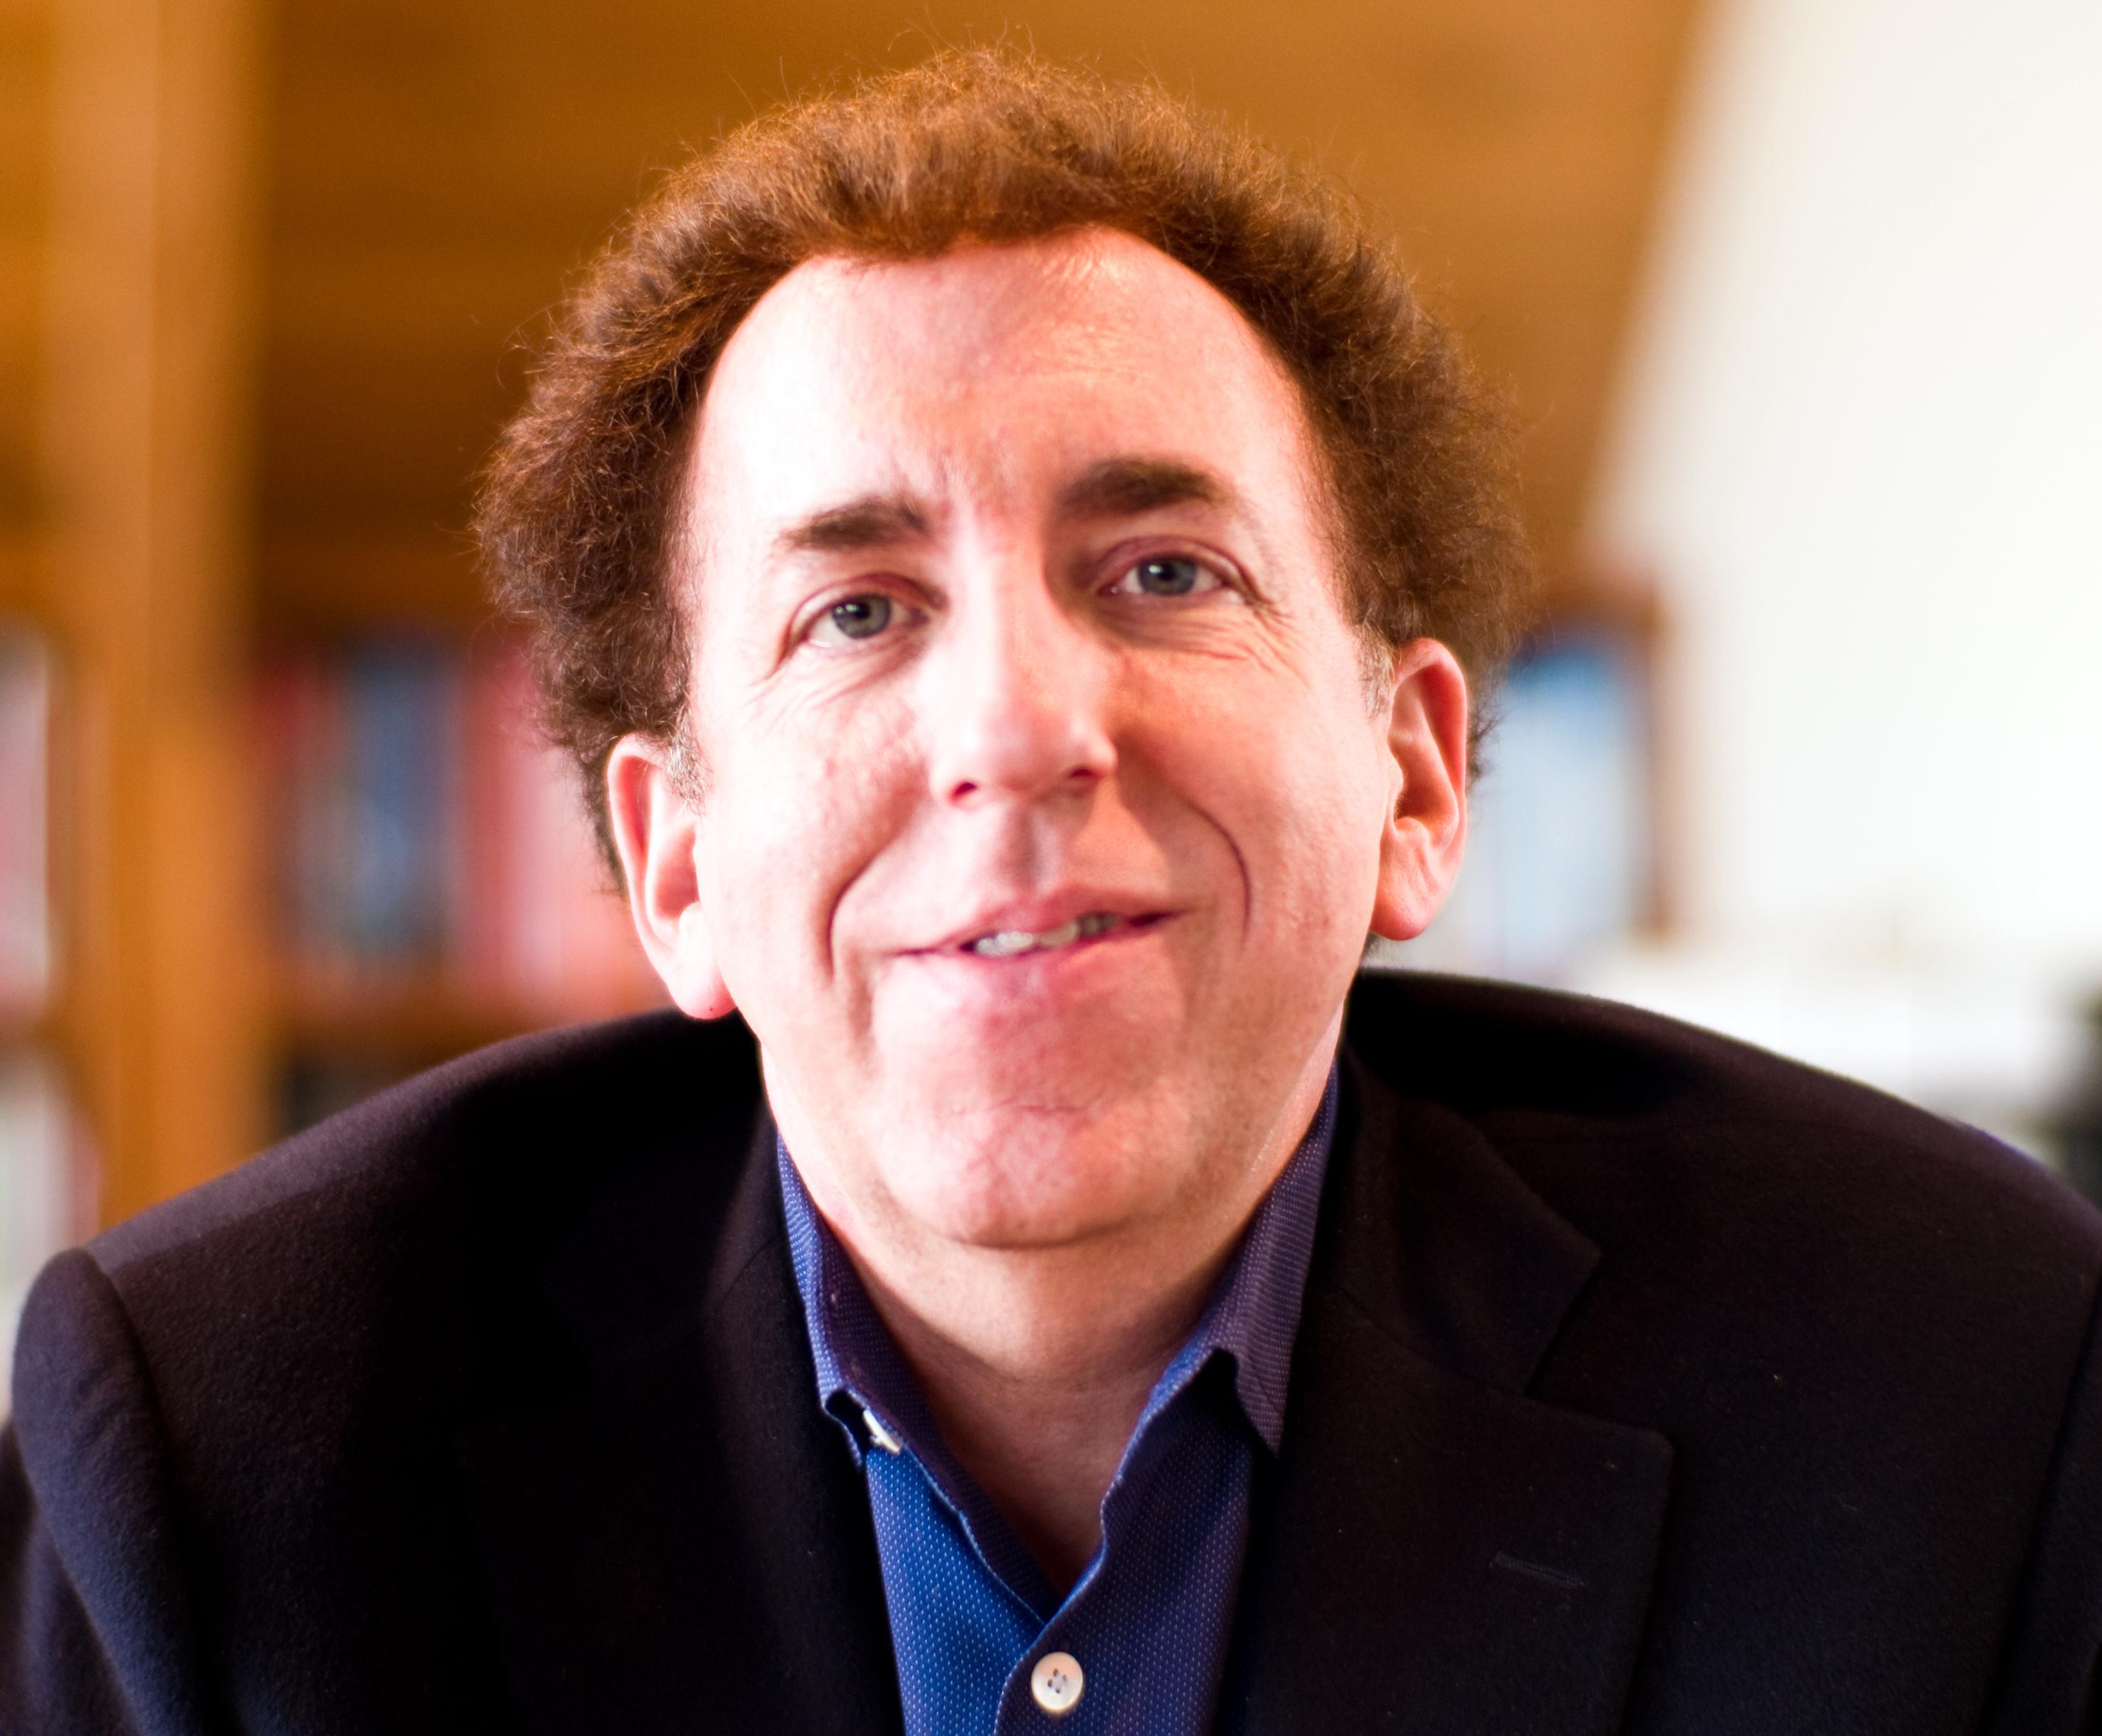 Dean Ornish Program For Reversing Heart